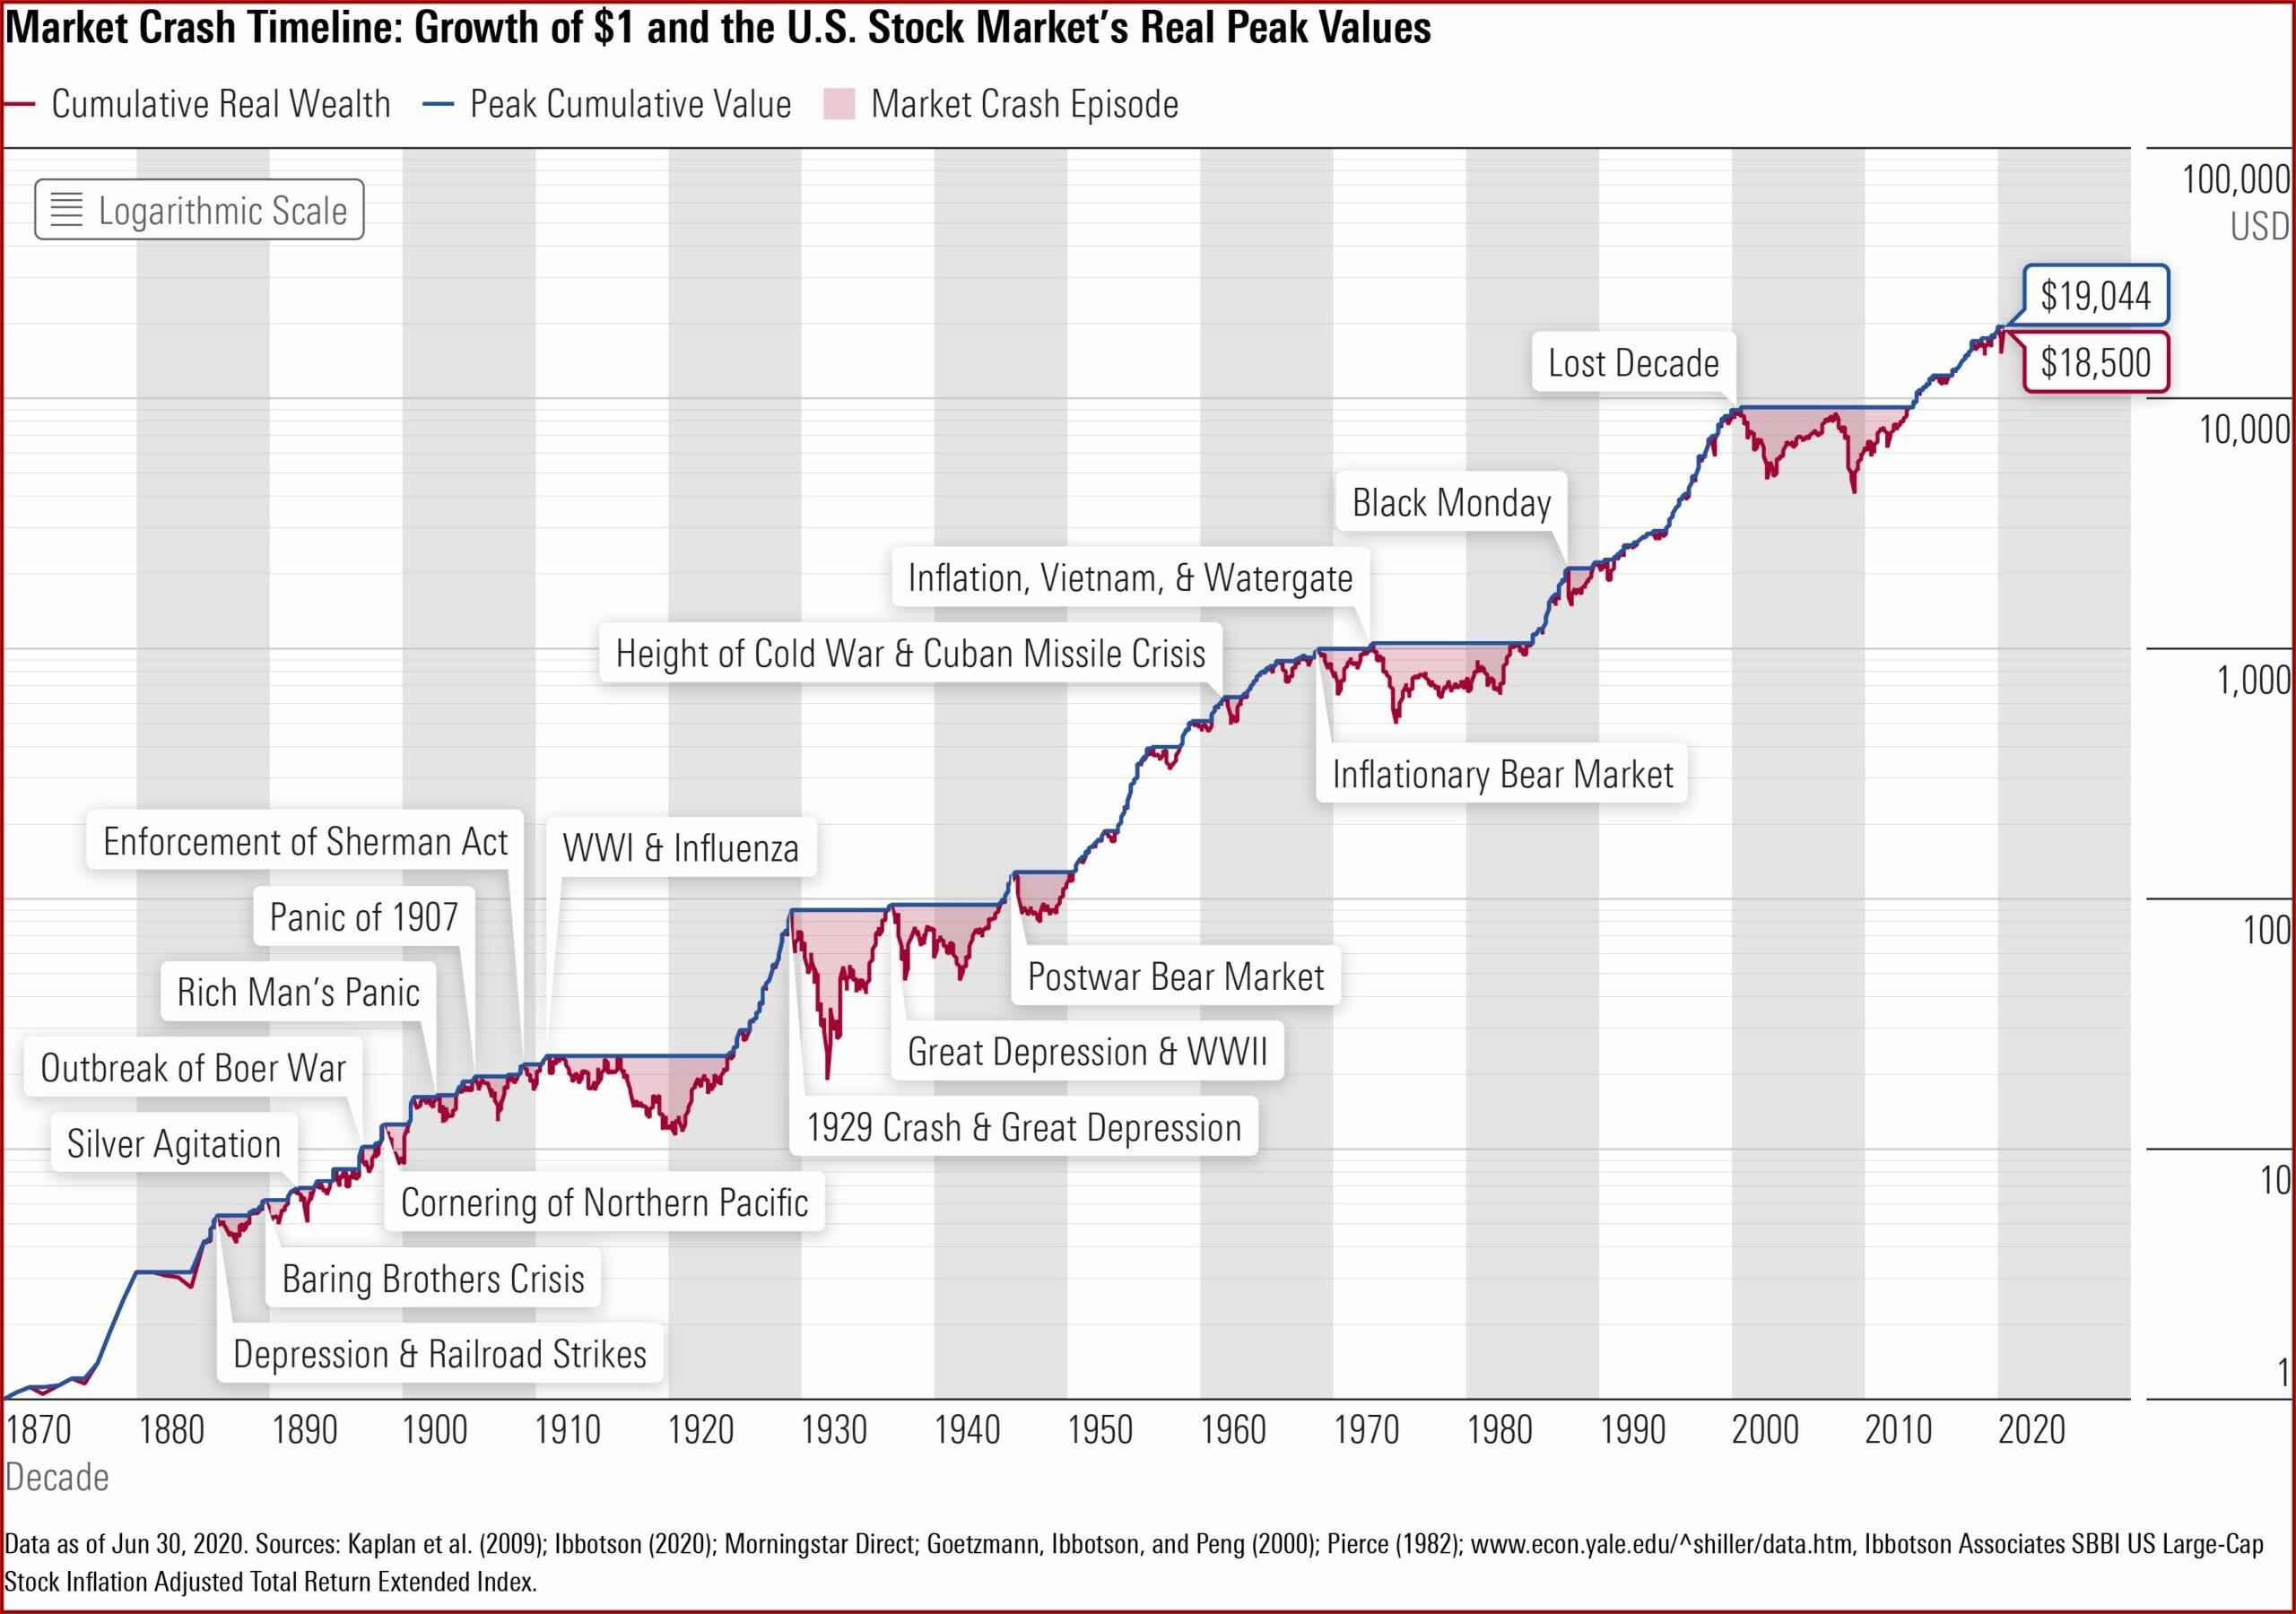 1987 Stock Market Crash Timeline